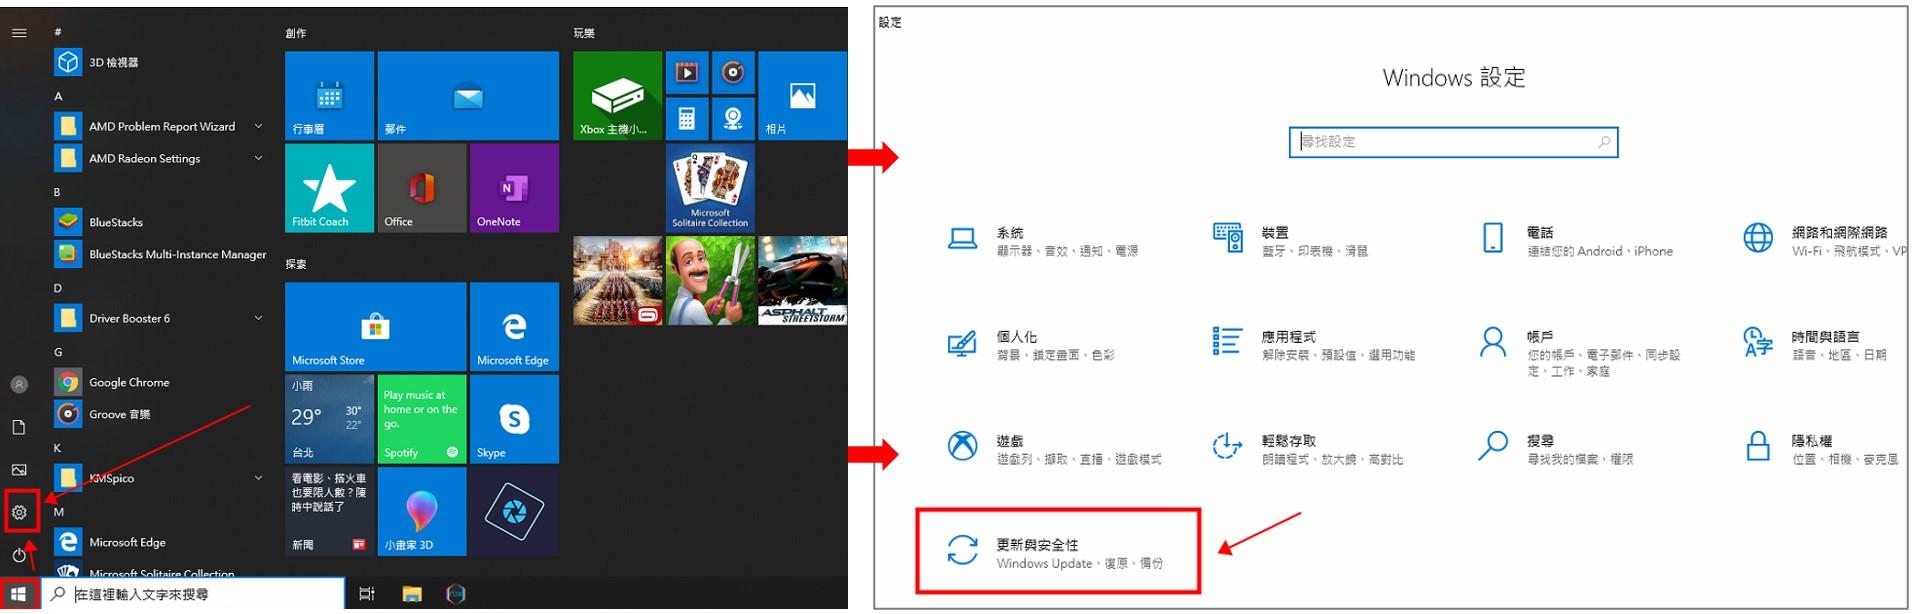 移除Windows 更新導致模擬器運行衝突 – 夜神模擬器-在電腦上玩安卓手機遊戲的軟體–安卓遊戲電腦版